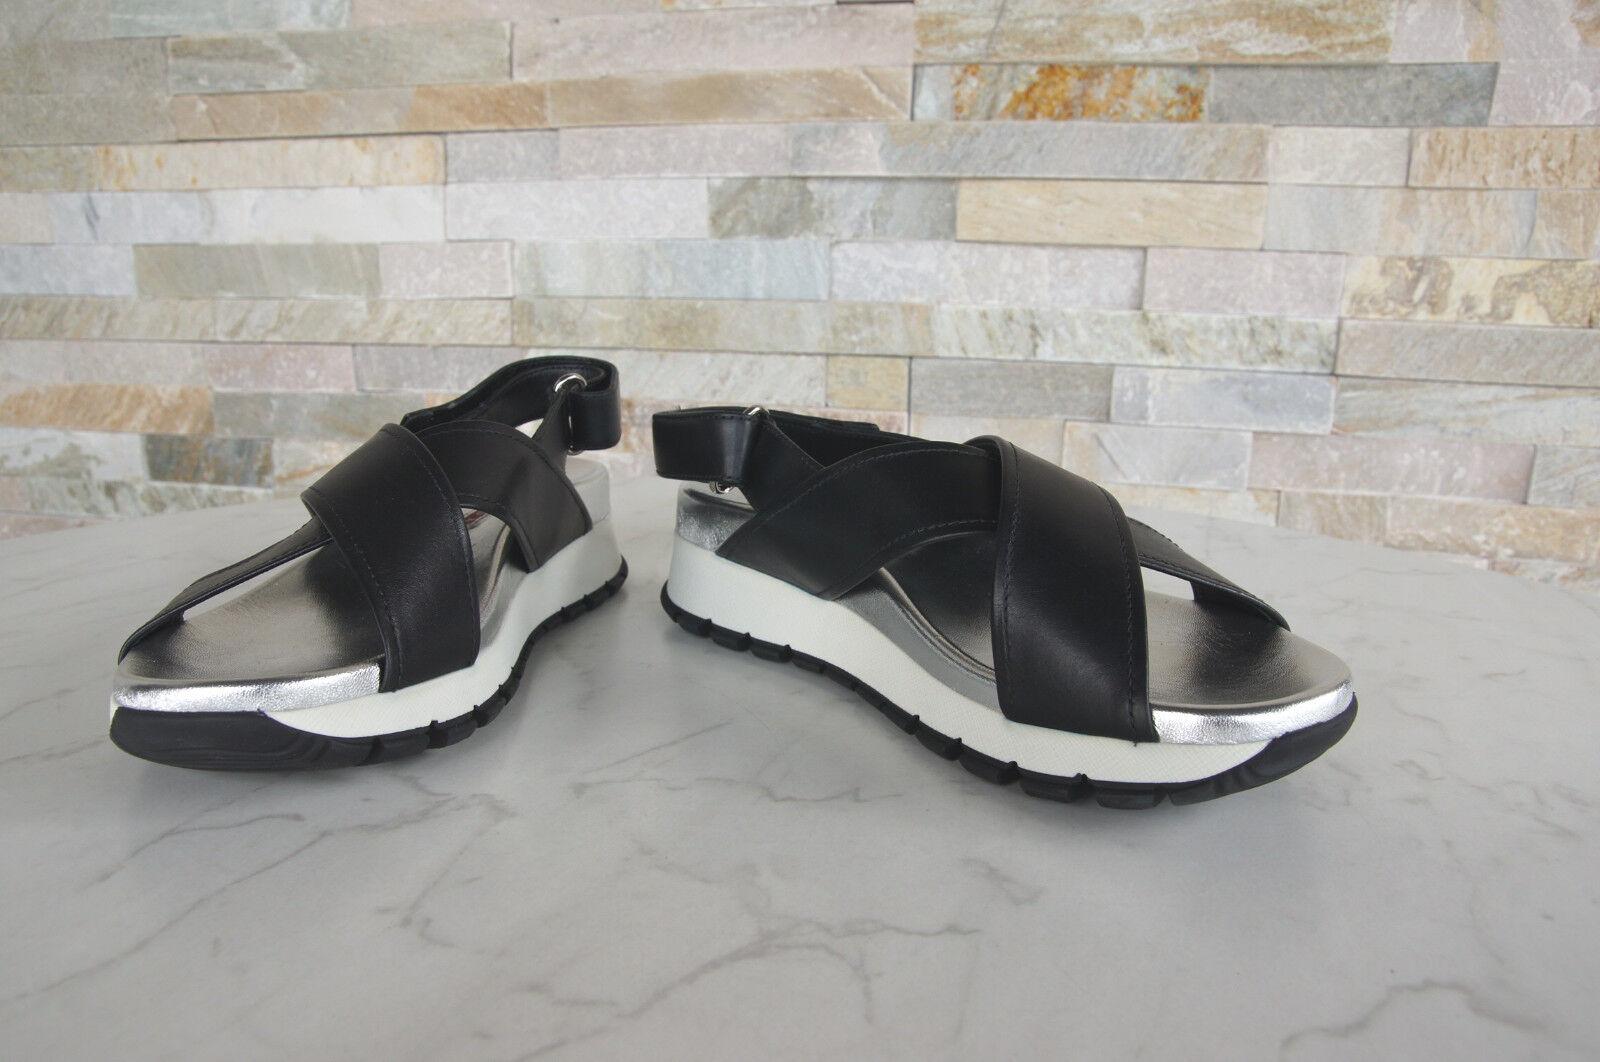 PRADA 3x6022 TAGLIA 35 Sandali 3x6022 PRADA Scarpe Velcro Nero Argento Bianco Nuovo UVP 231f7d